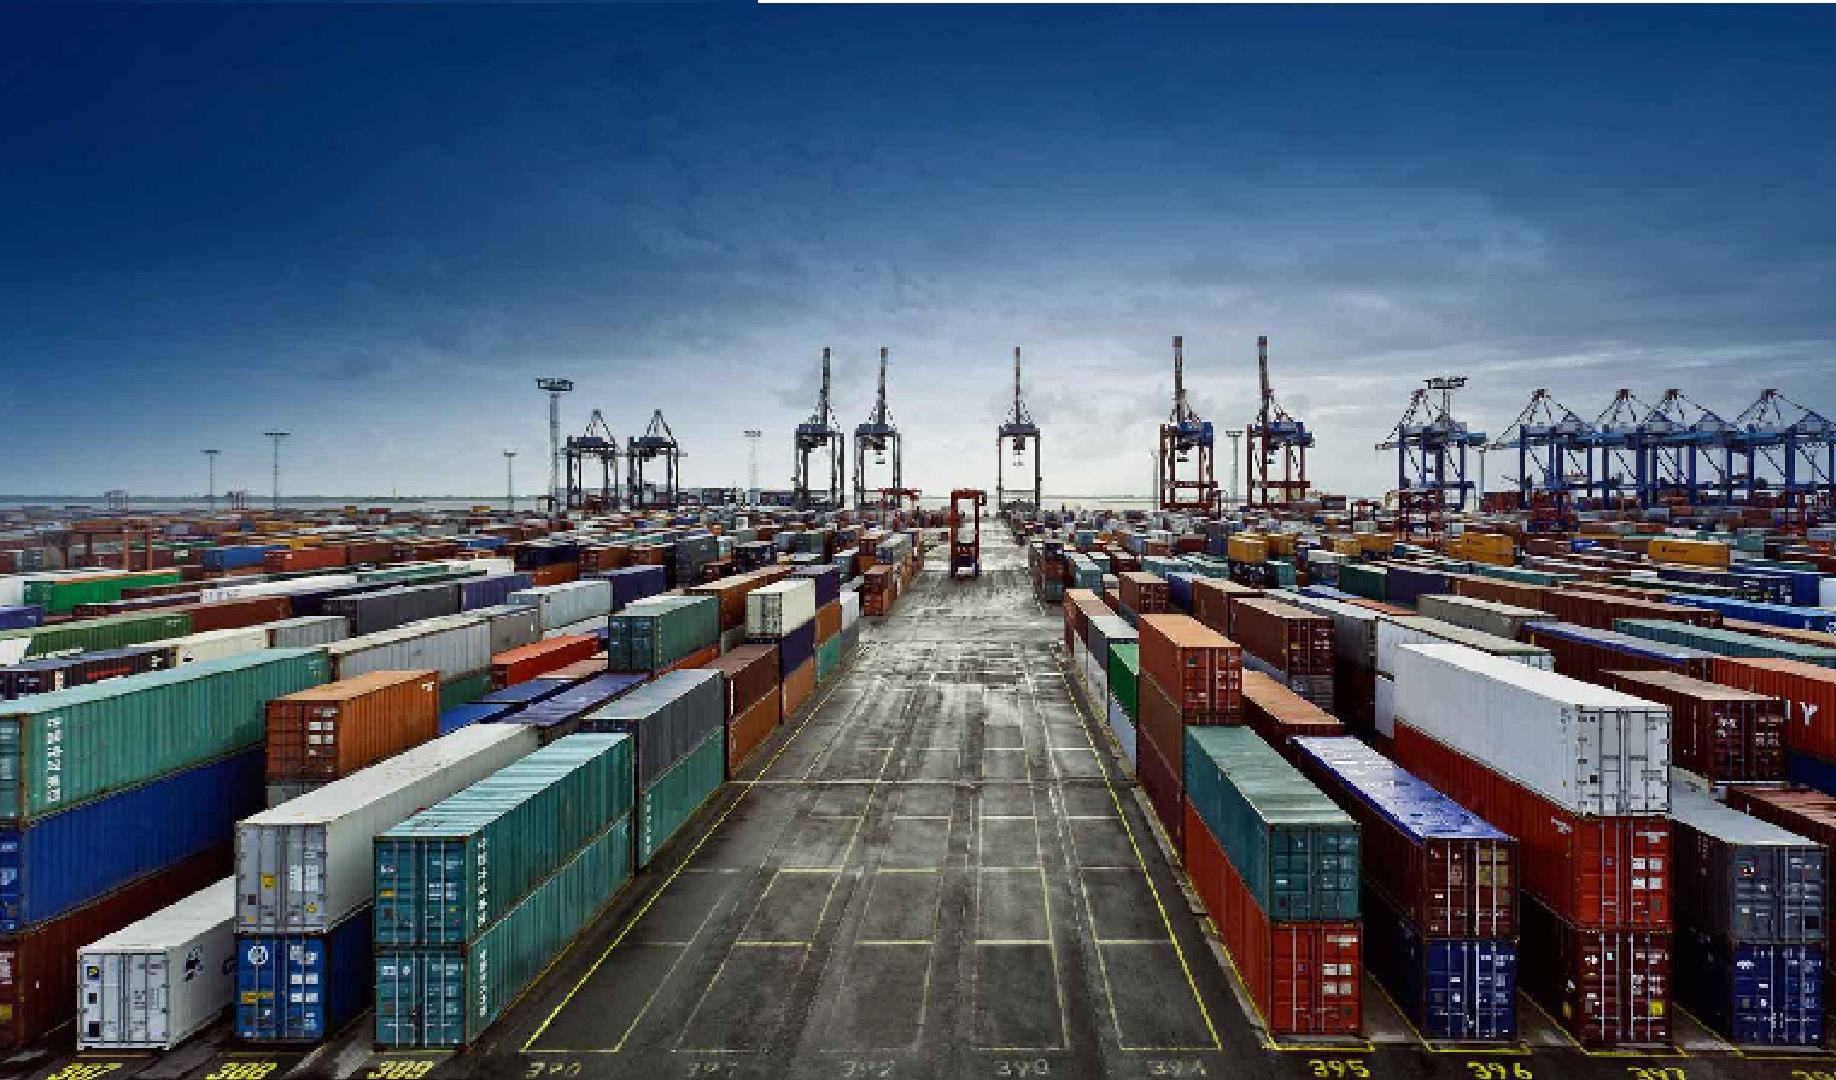 سهم ۷۴ درصدی پنج کشور نخست صادراتی ایران در بهار امسال